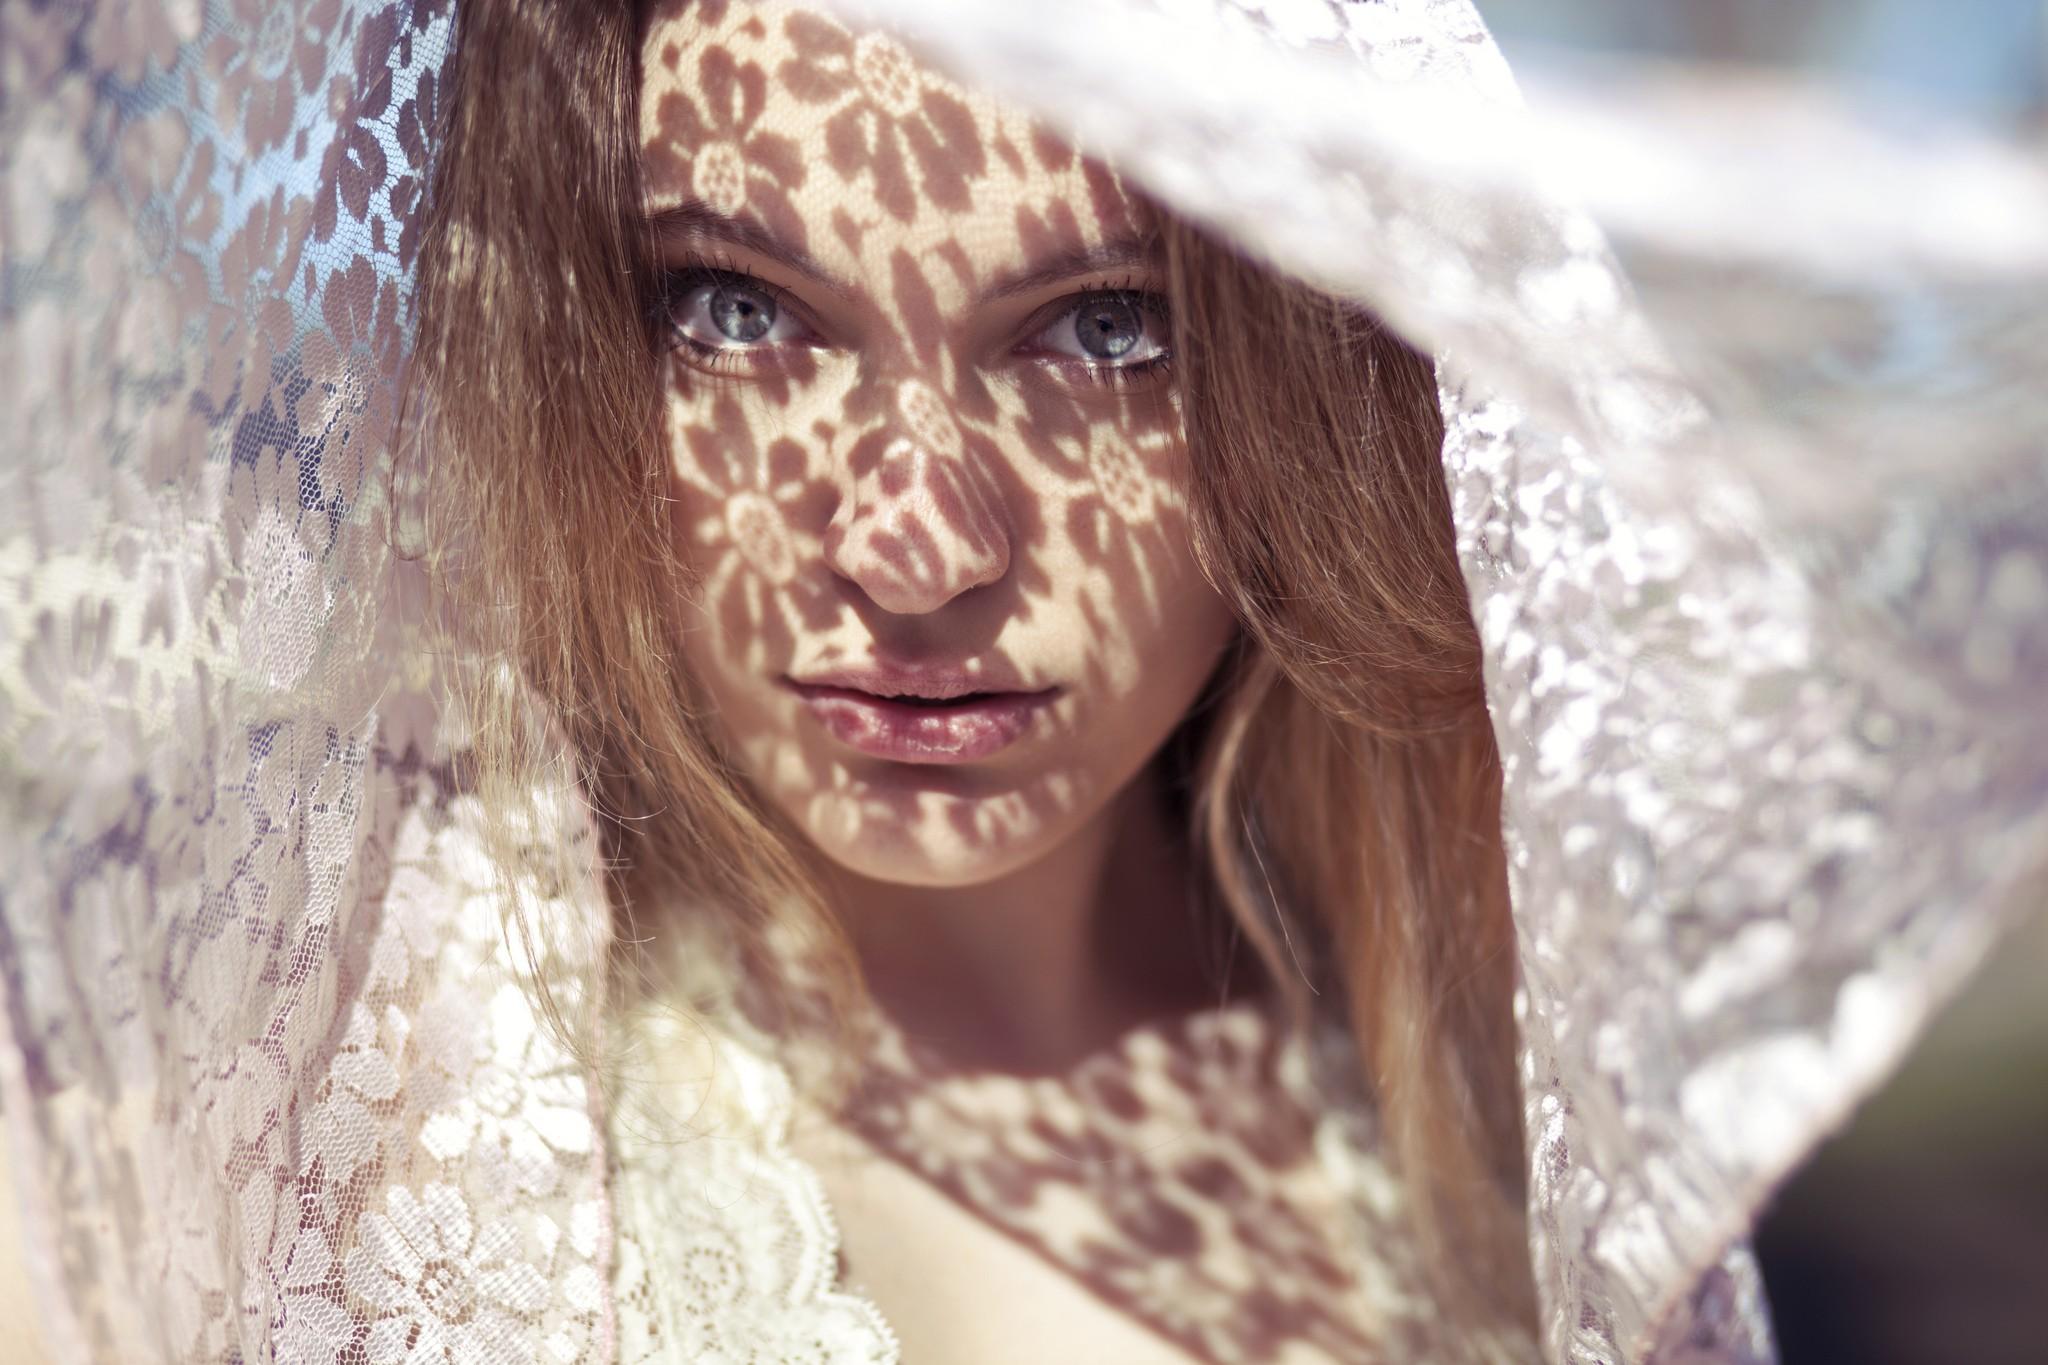 Wallpaper : face, model, flowers, brunette, green eyes